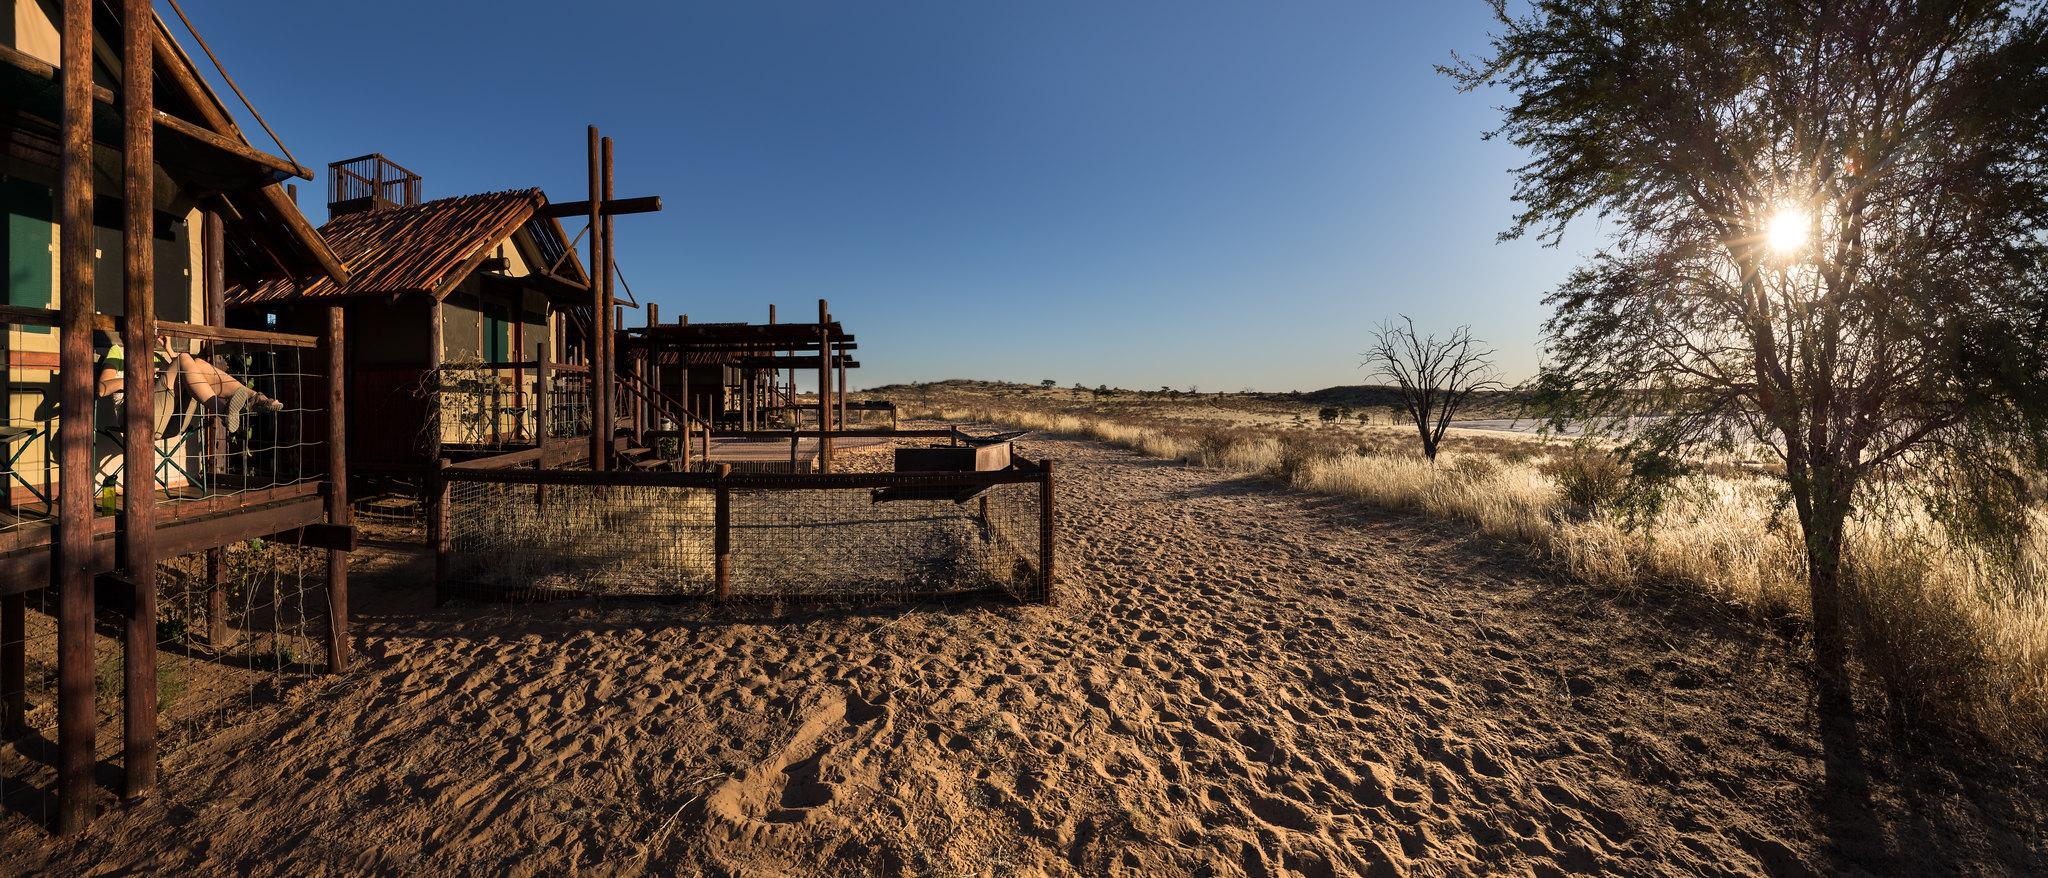 Abends in der Kalahari